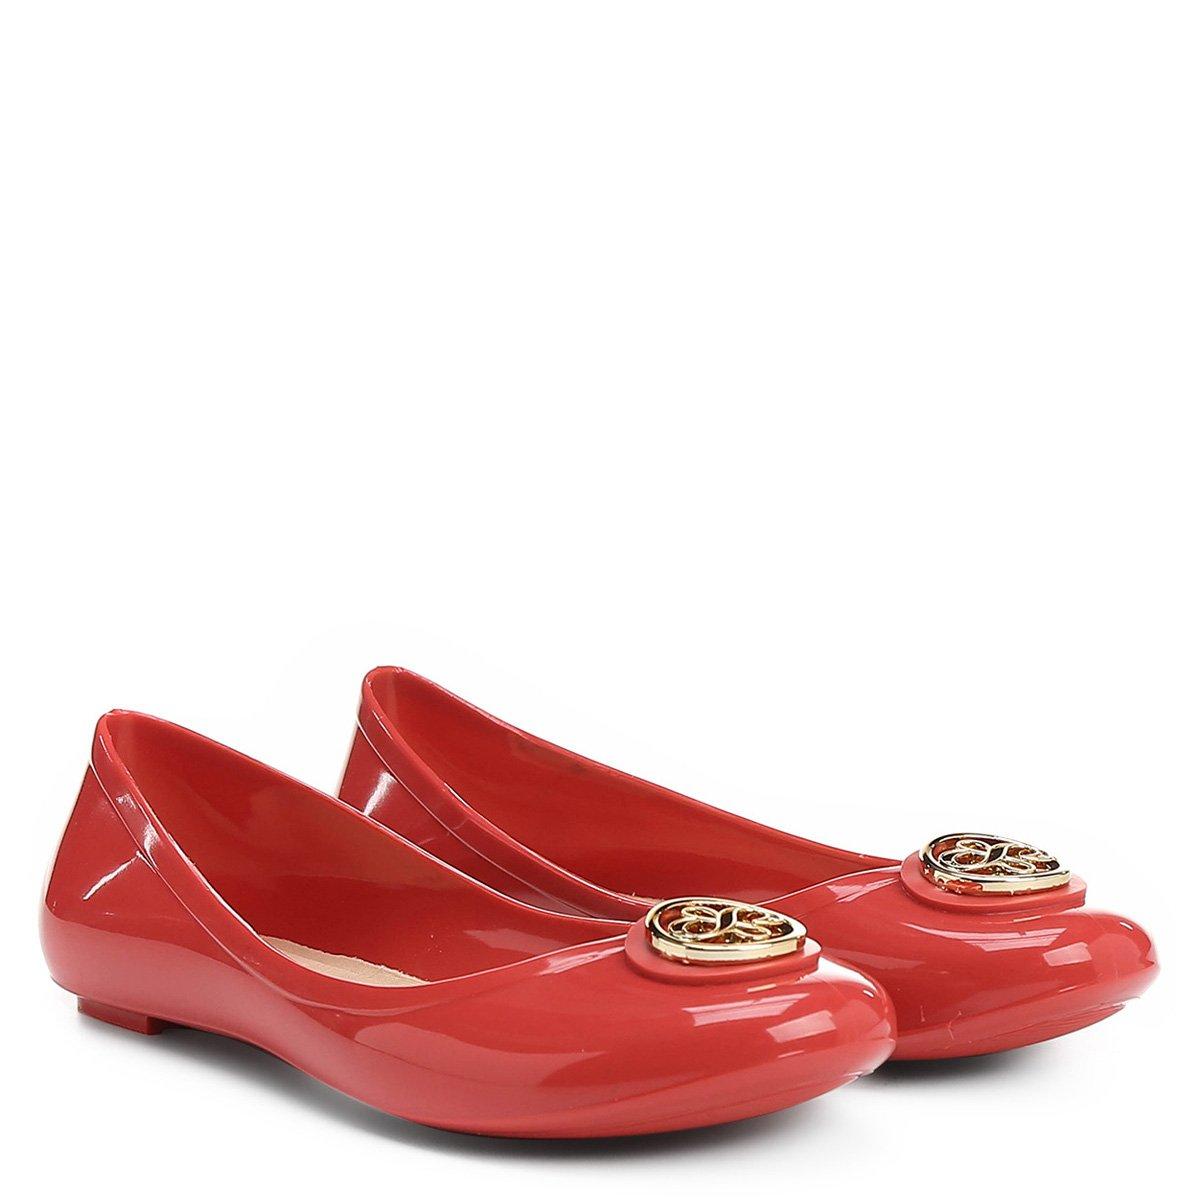 6341e0f1f4 Sapatilha Shoestock Injetada Medalha Infantil - Vermelho - Compre Agora